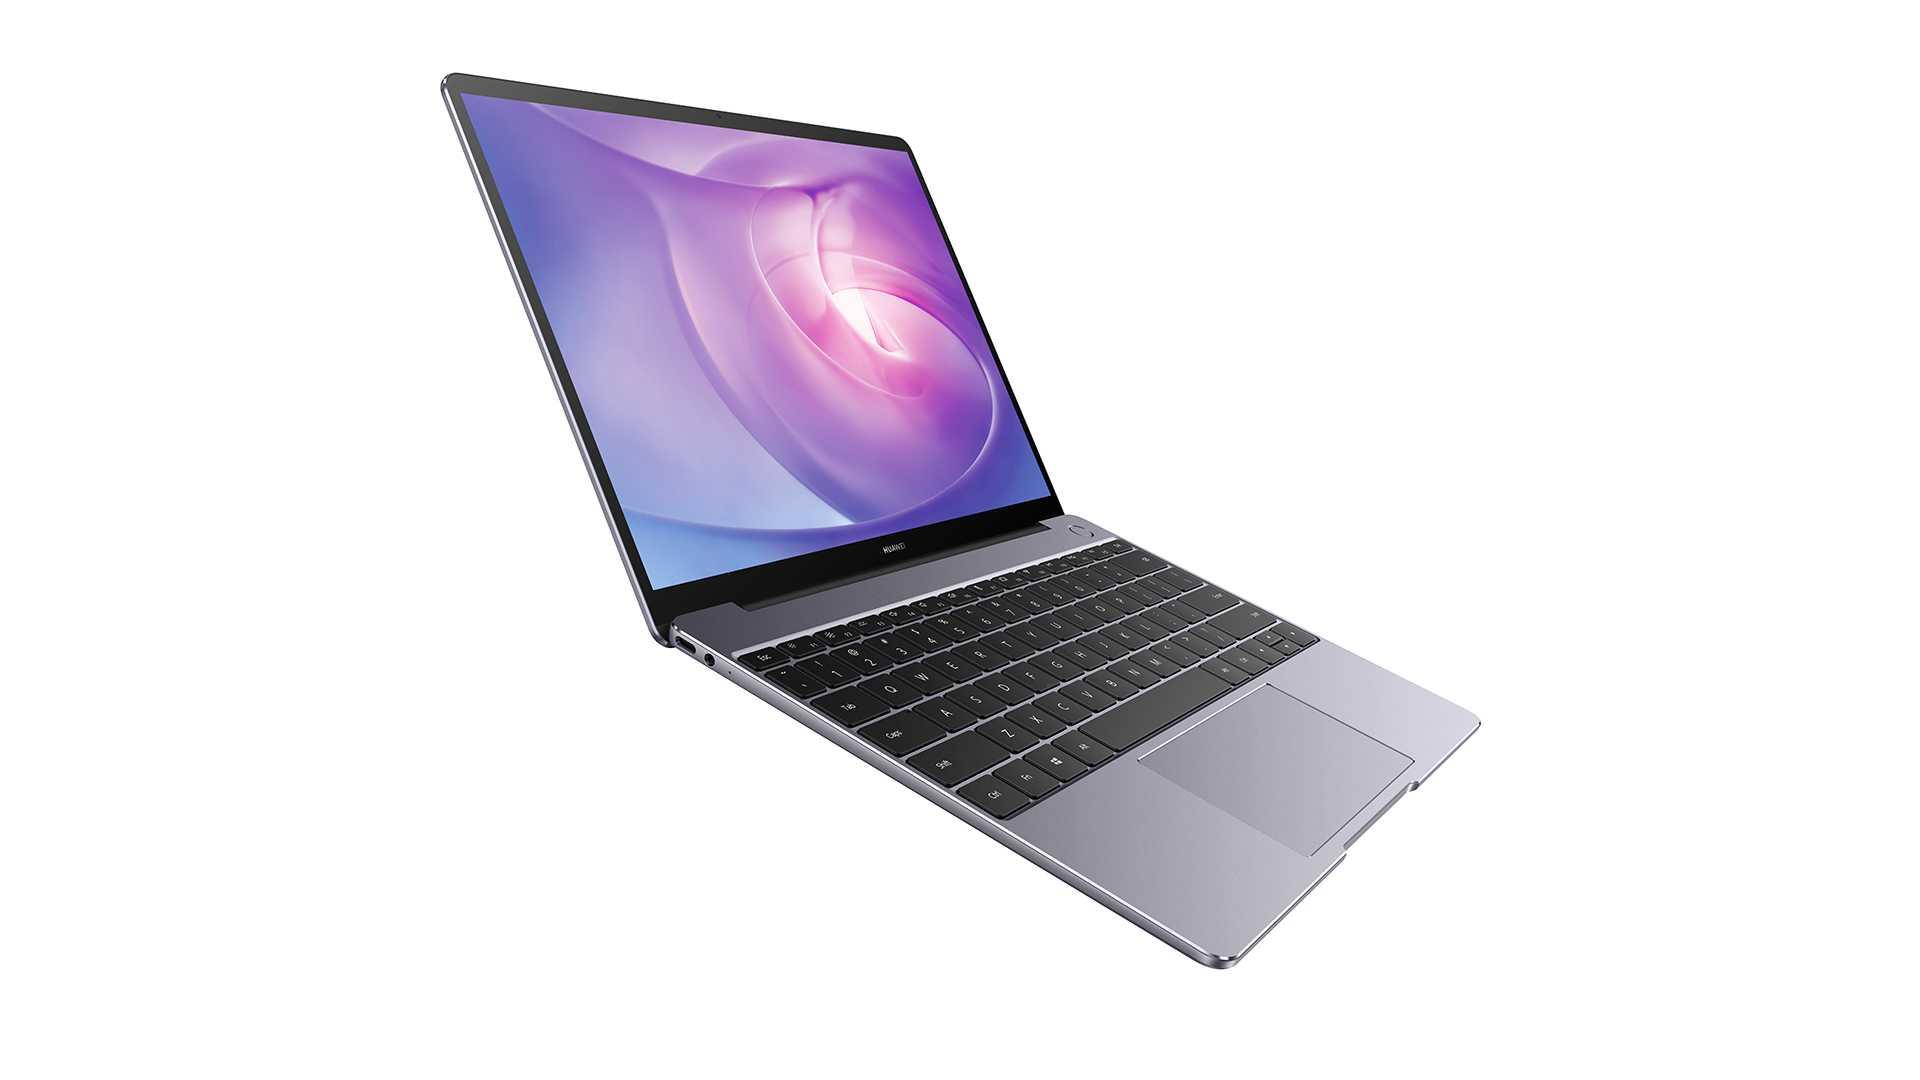 Компания Huawei еще в первом квартале года порадовала пользователей выпуском ноутбука серии MateBook X Pro который только недавно появился в продаже Сразу же после